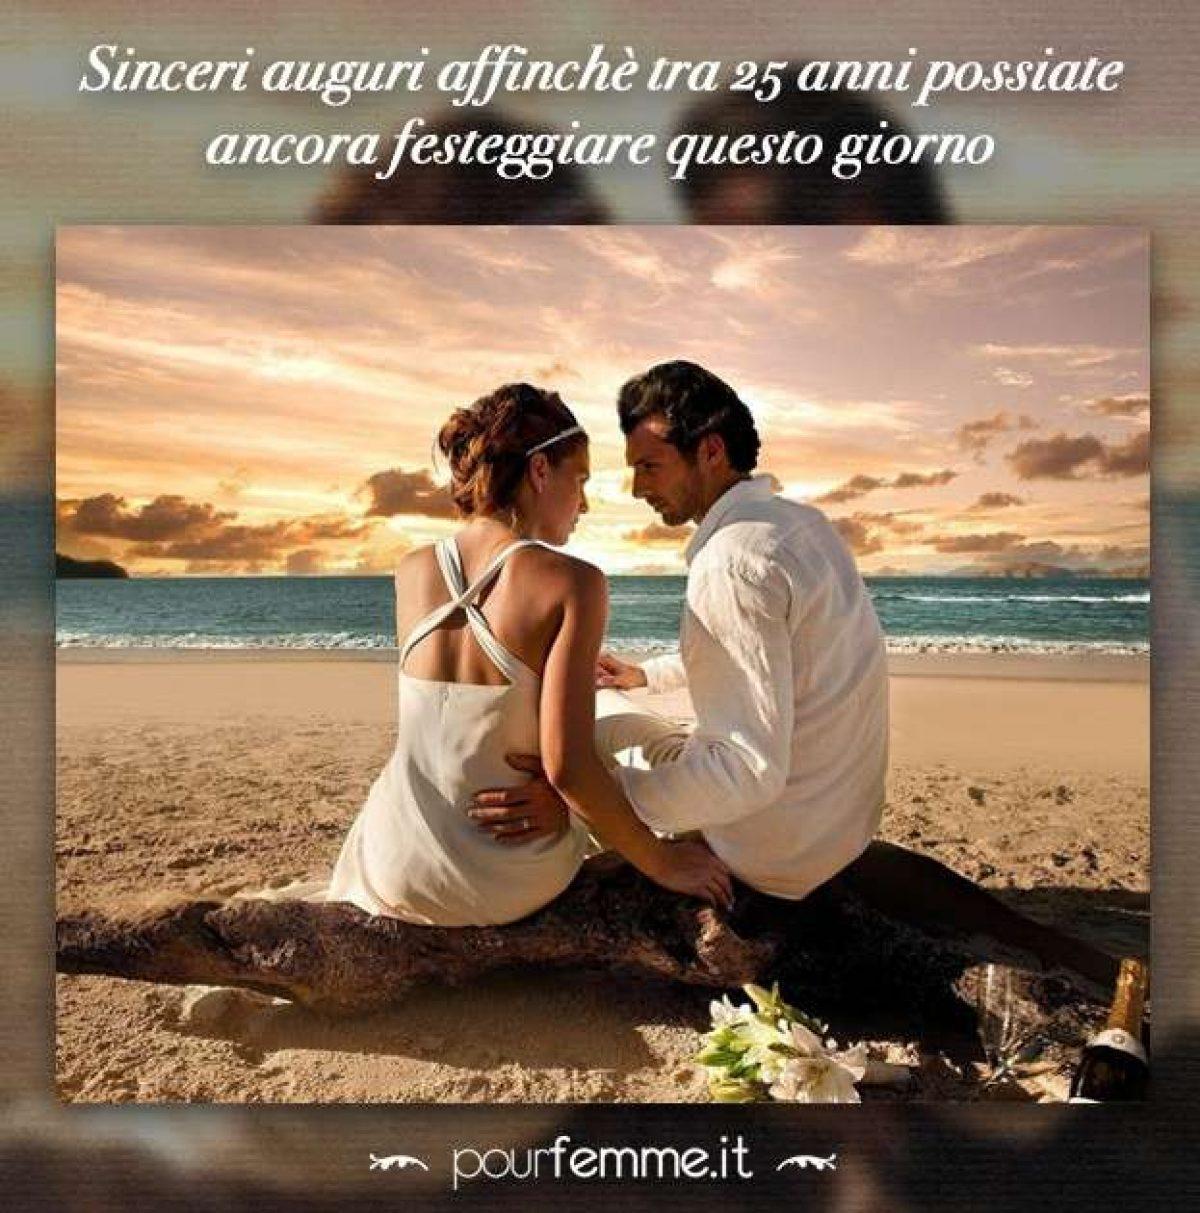 Festeggiare Gli Anniversari Di Matrimonio Con Le Frasi Piu Belle Foto Pourfemme